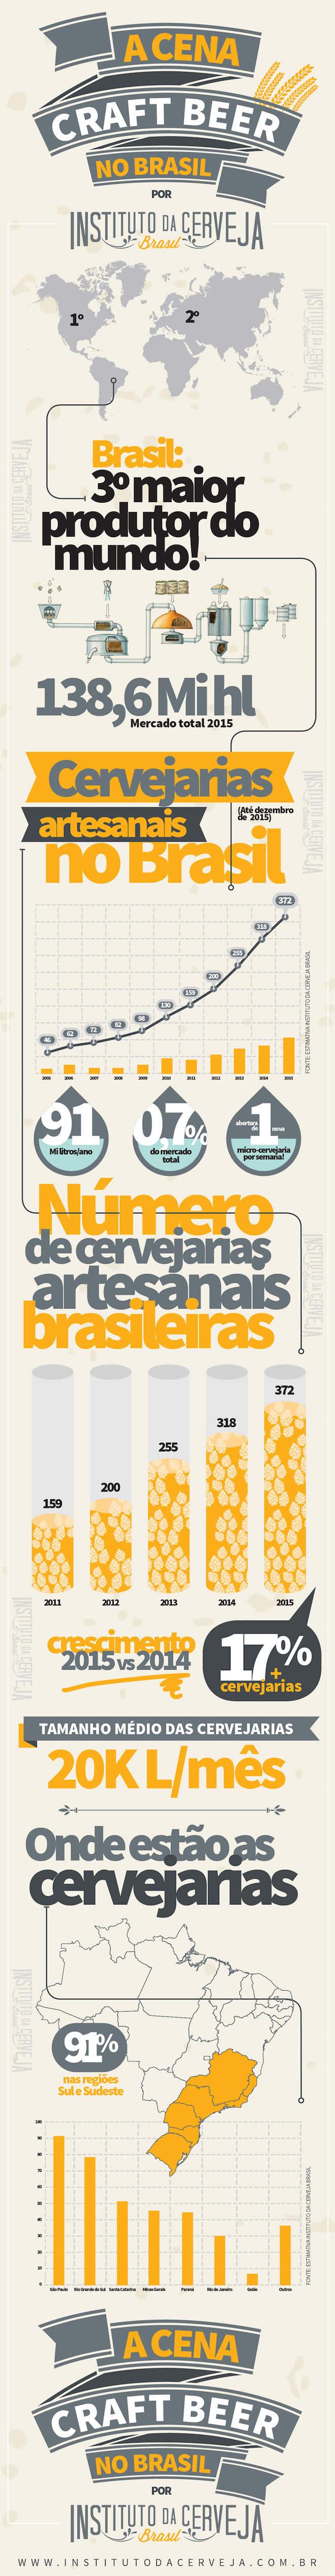 Microcervejarias Brasileiras - Instituto da Cerveja Brasil